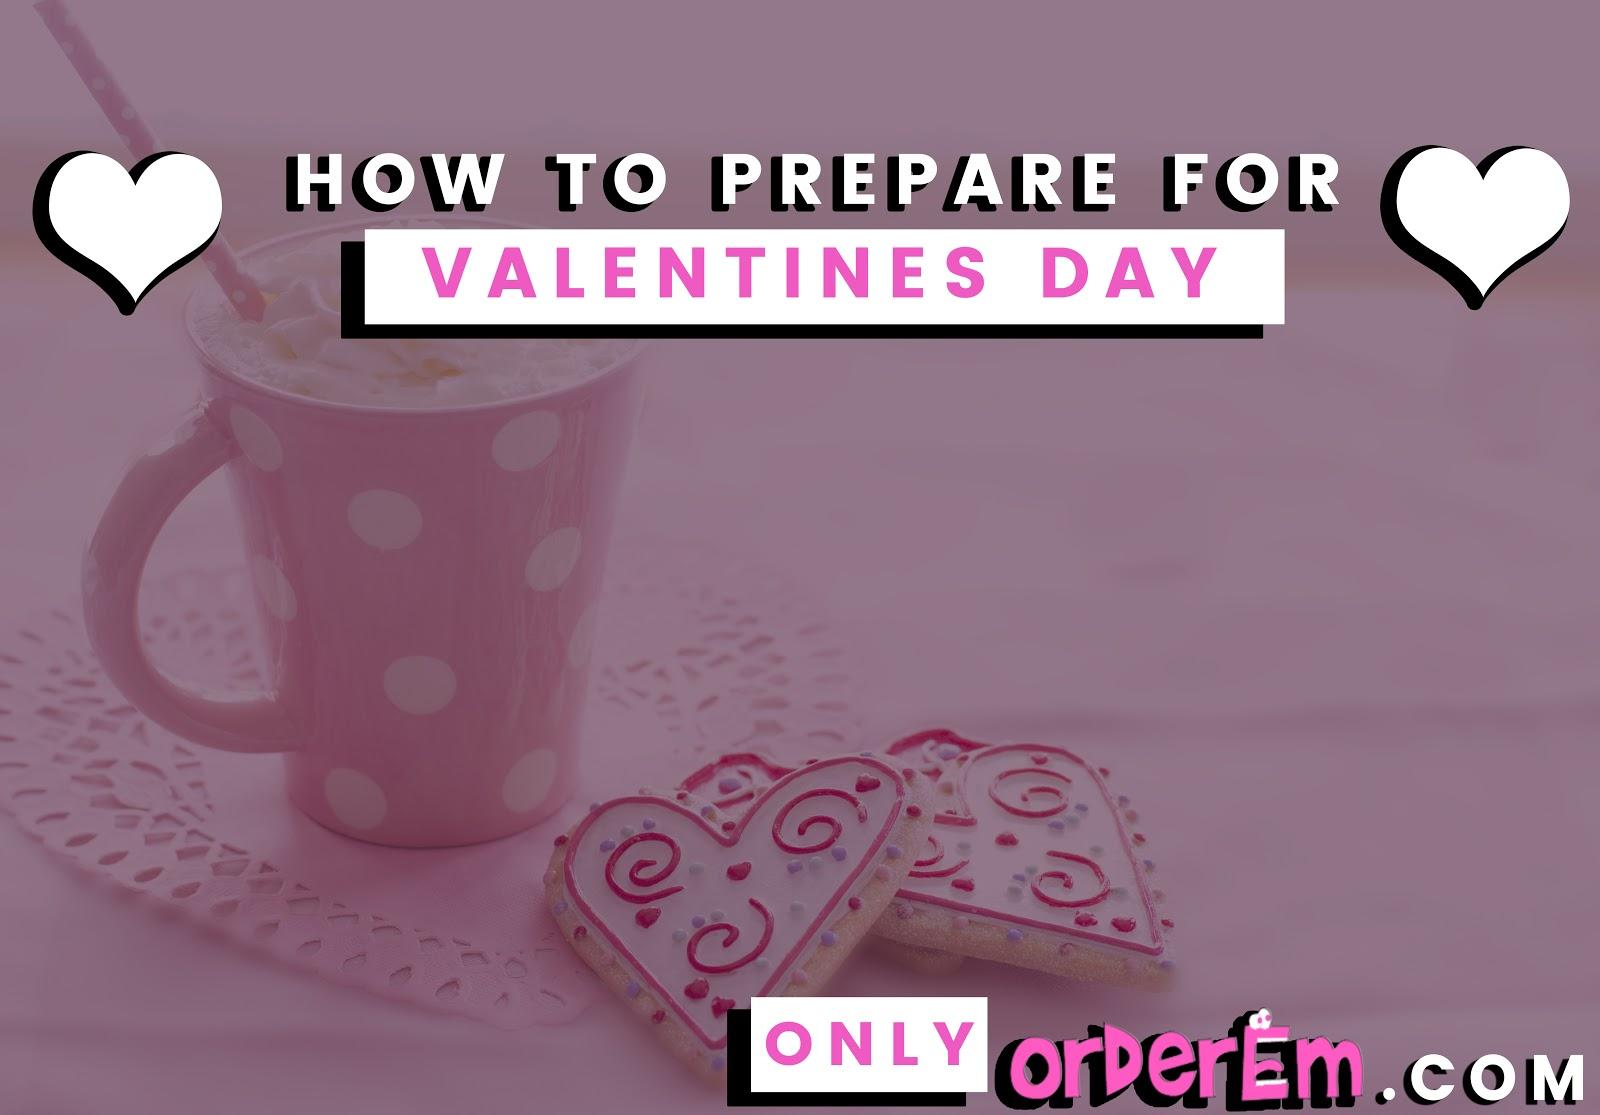 Valentines-Guide-Online-Restaurant